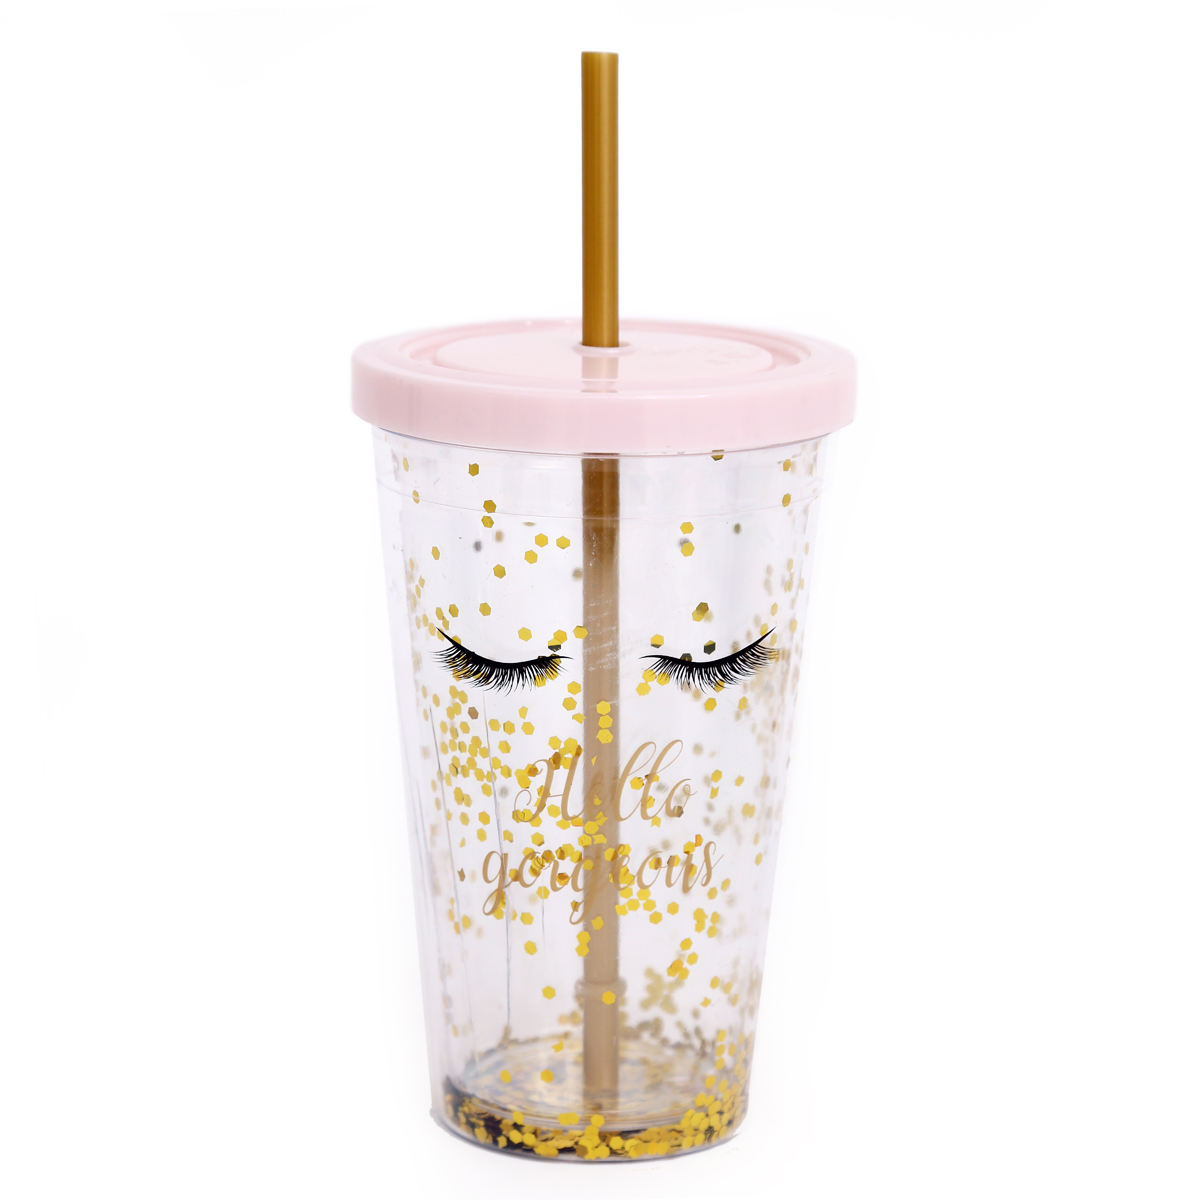 Gobelet paille plastique \'Diva - Yeux Endormis\' rose paillettes - 16x10 cm - [A0027]